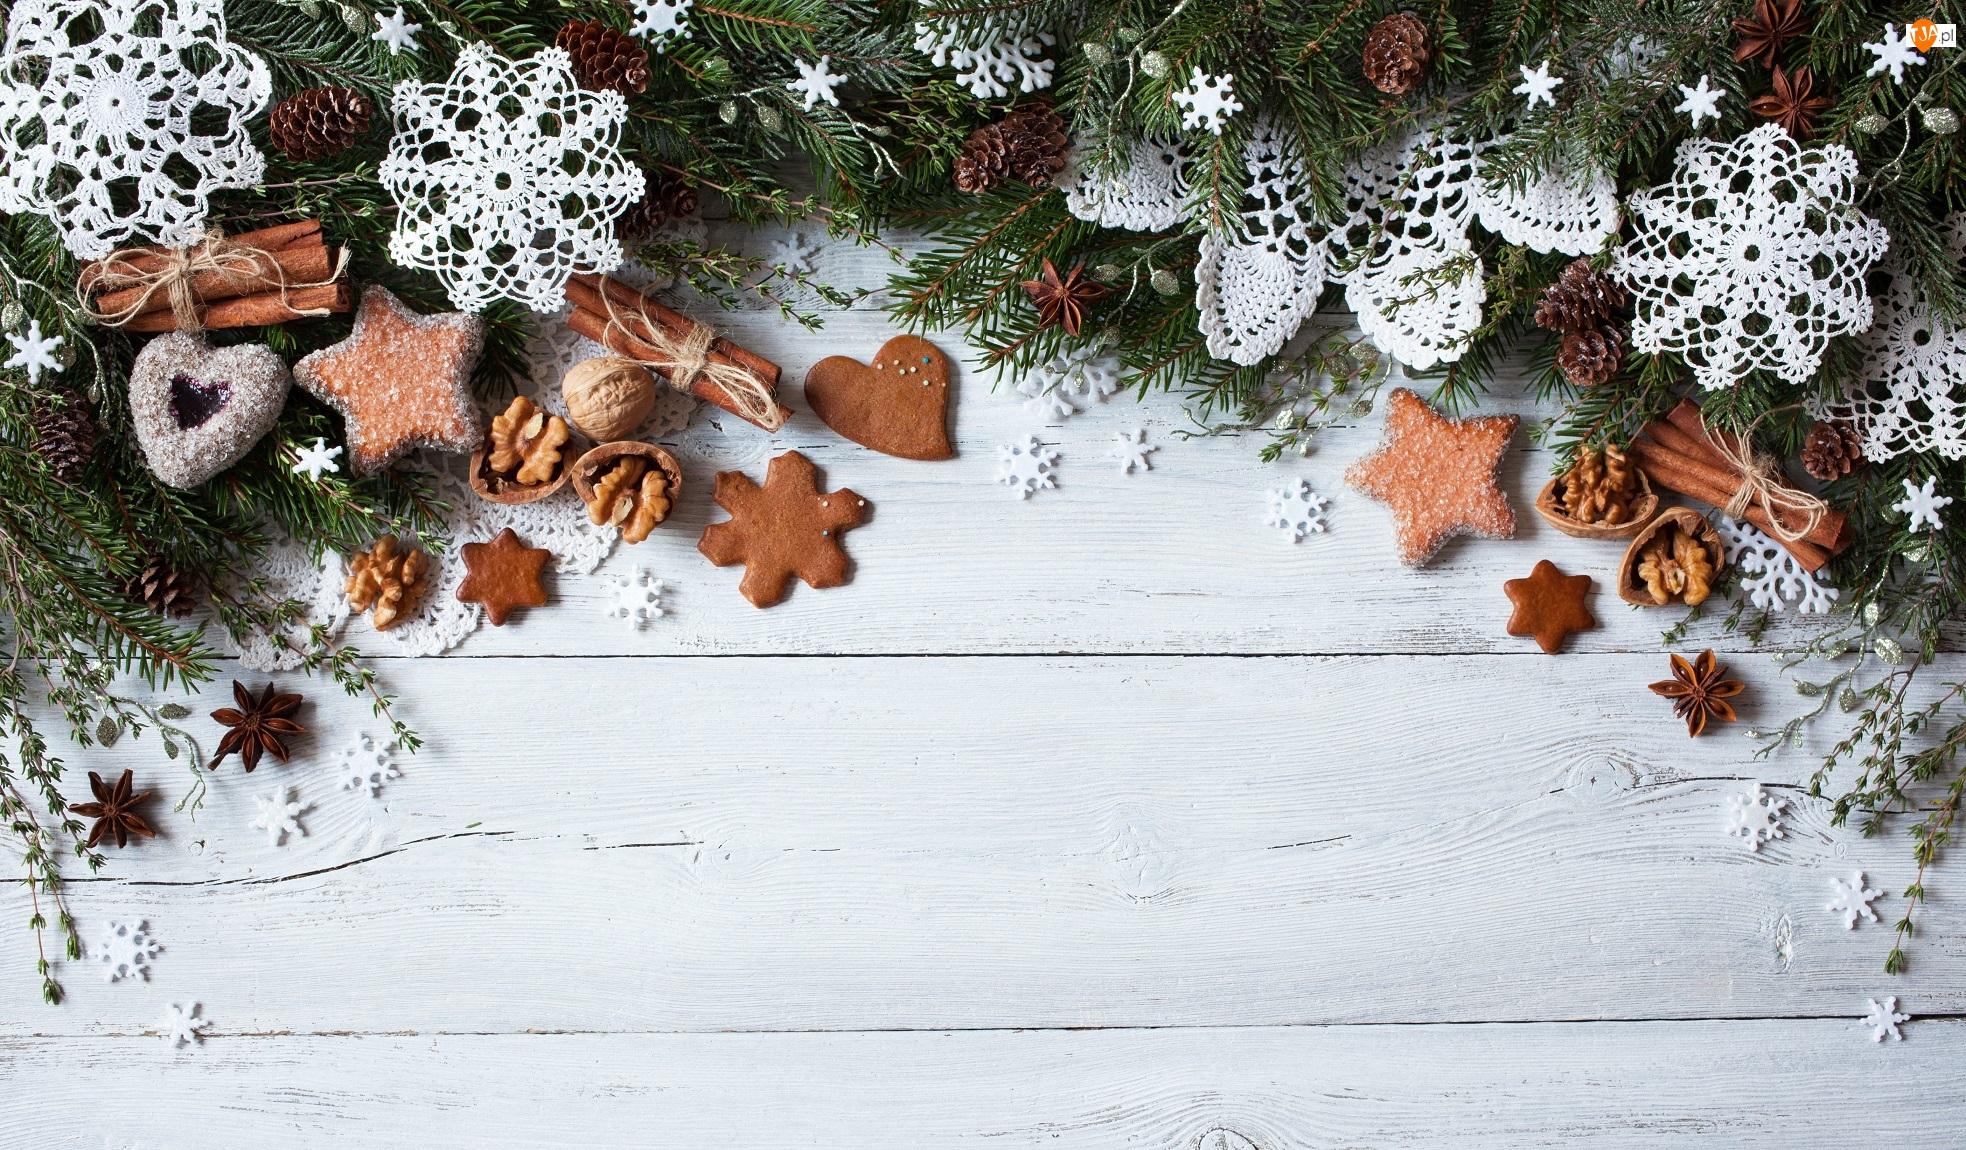 Świerka, Handmade, Laski, Serwetki, Anyż, Kompozycja, Szydełko, Pierniczki, Cynamonu, Rękodzieło, Boże Narodzenie, Śnieżynki, Ciasteczka, Gałązki, Orzechy włoskie